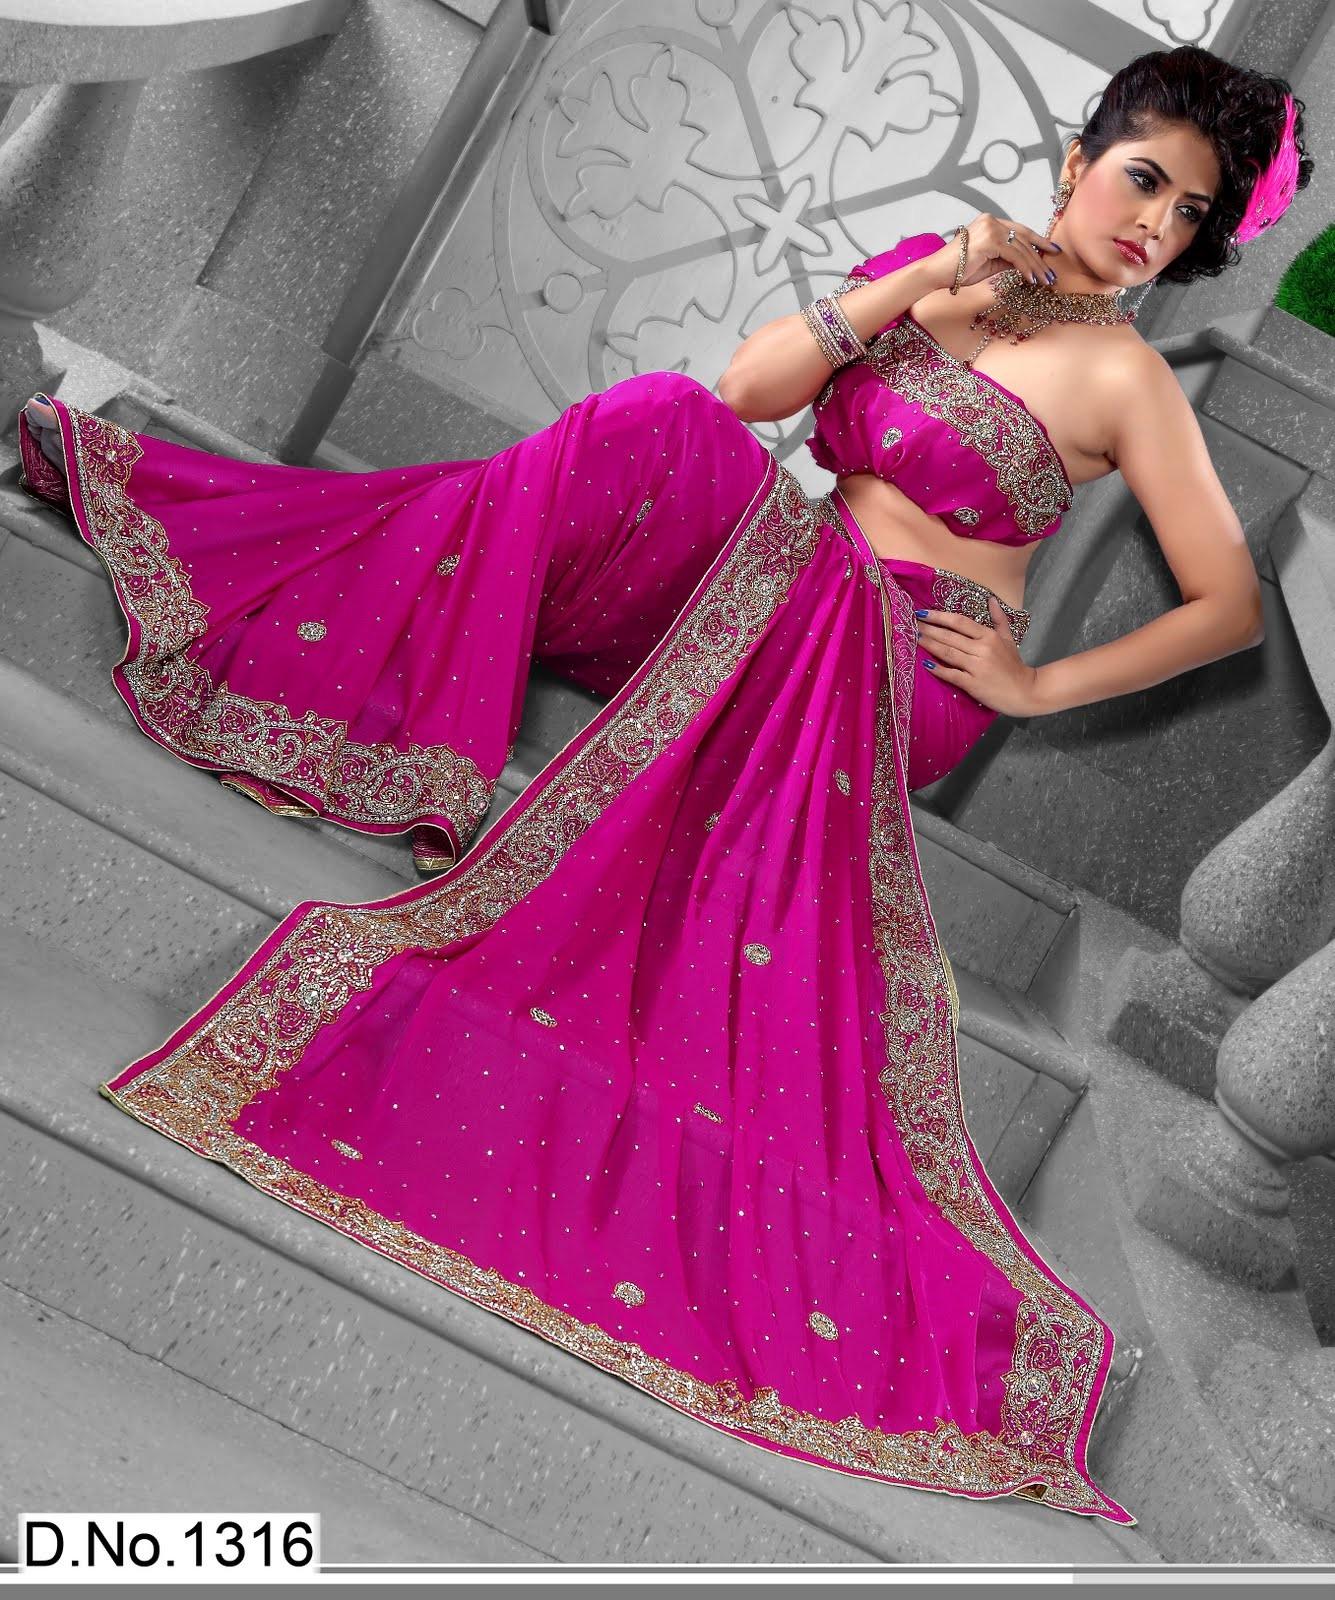 divers design large sélection homme acheter sari bollywood mariage robe indienne tenue pas cher tissu et  vêtement indiens